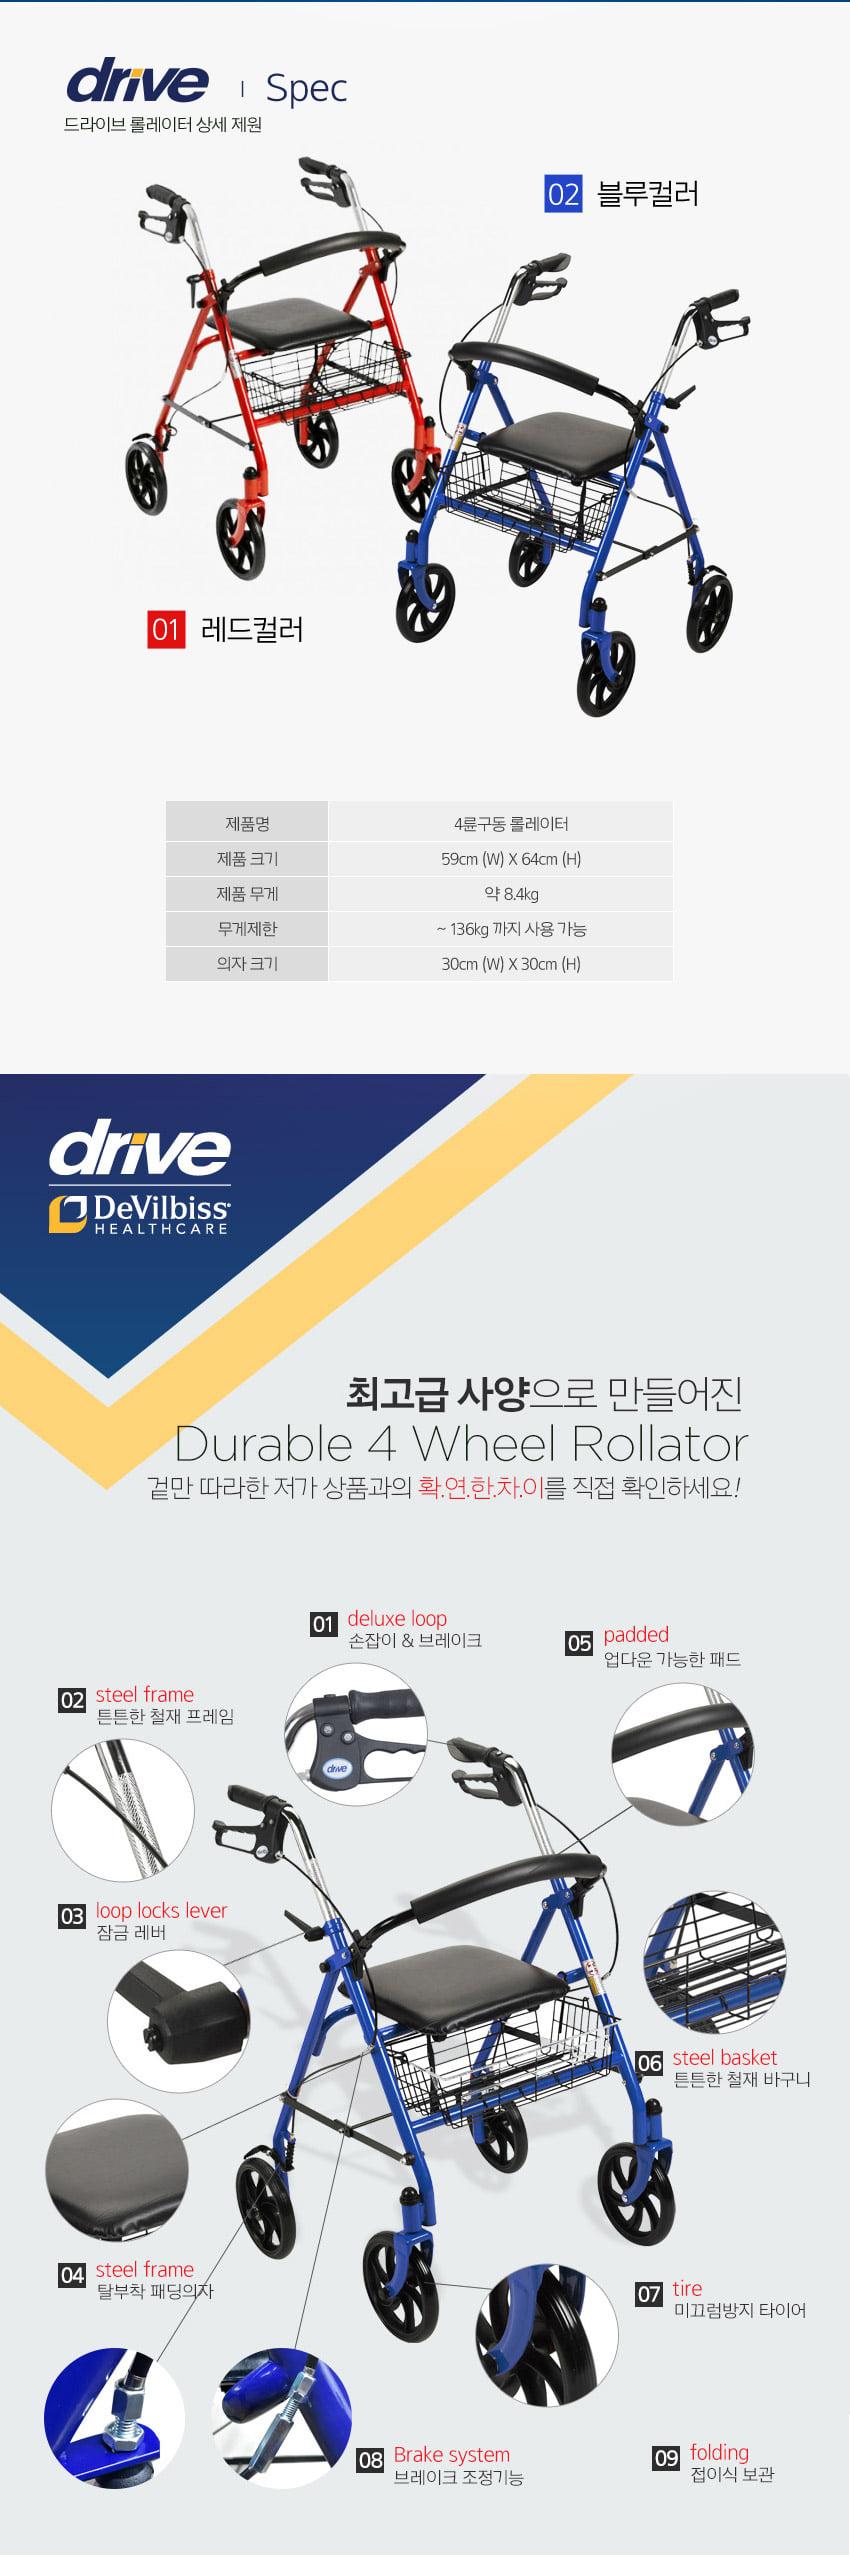 드라이브 4륜구동 듀러블 롤레이터 실버카 - 허리케인/드라이브, 236,000원, 생활잡화, 기타 잡화